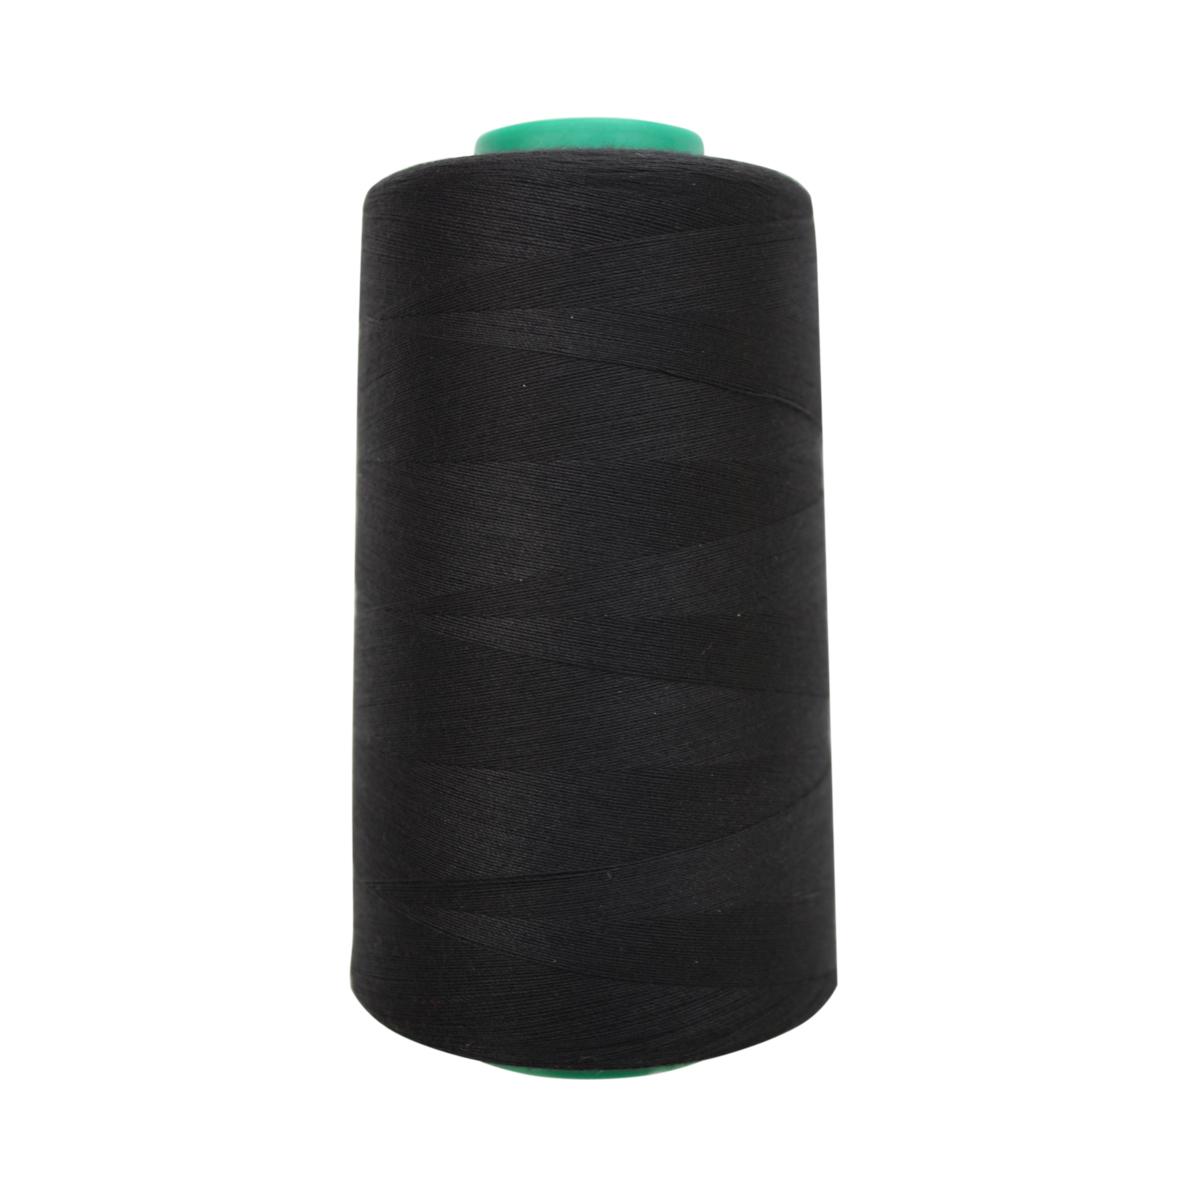 Нитки для шитья Bestex 50/2, 5000 ярд, цвет: черный (200)7700936-200Сфера использования: трикотаж; ткани малого веса; оверлочные швы; отделка краев; вышивка. Размер игл №70-80